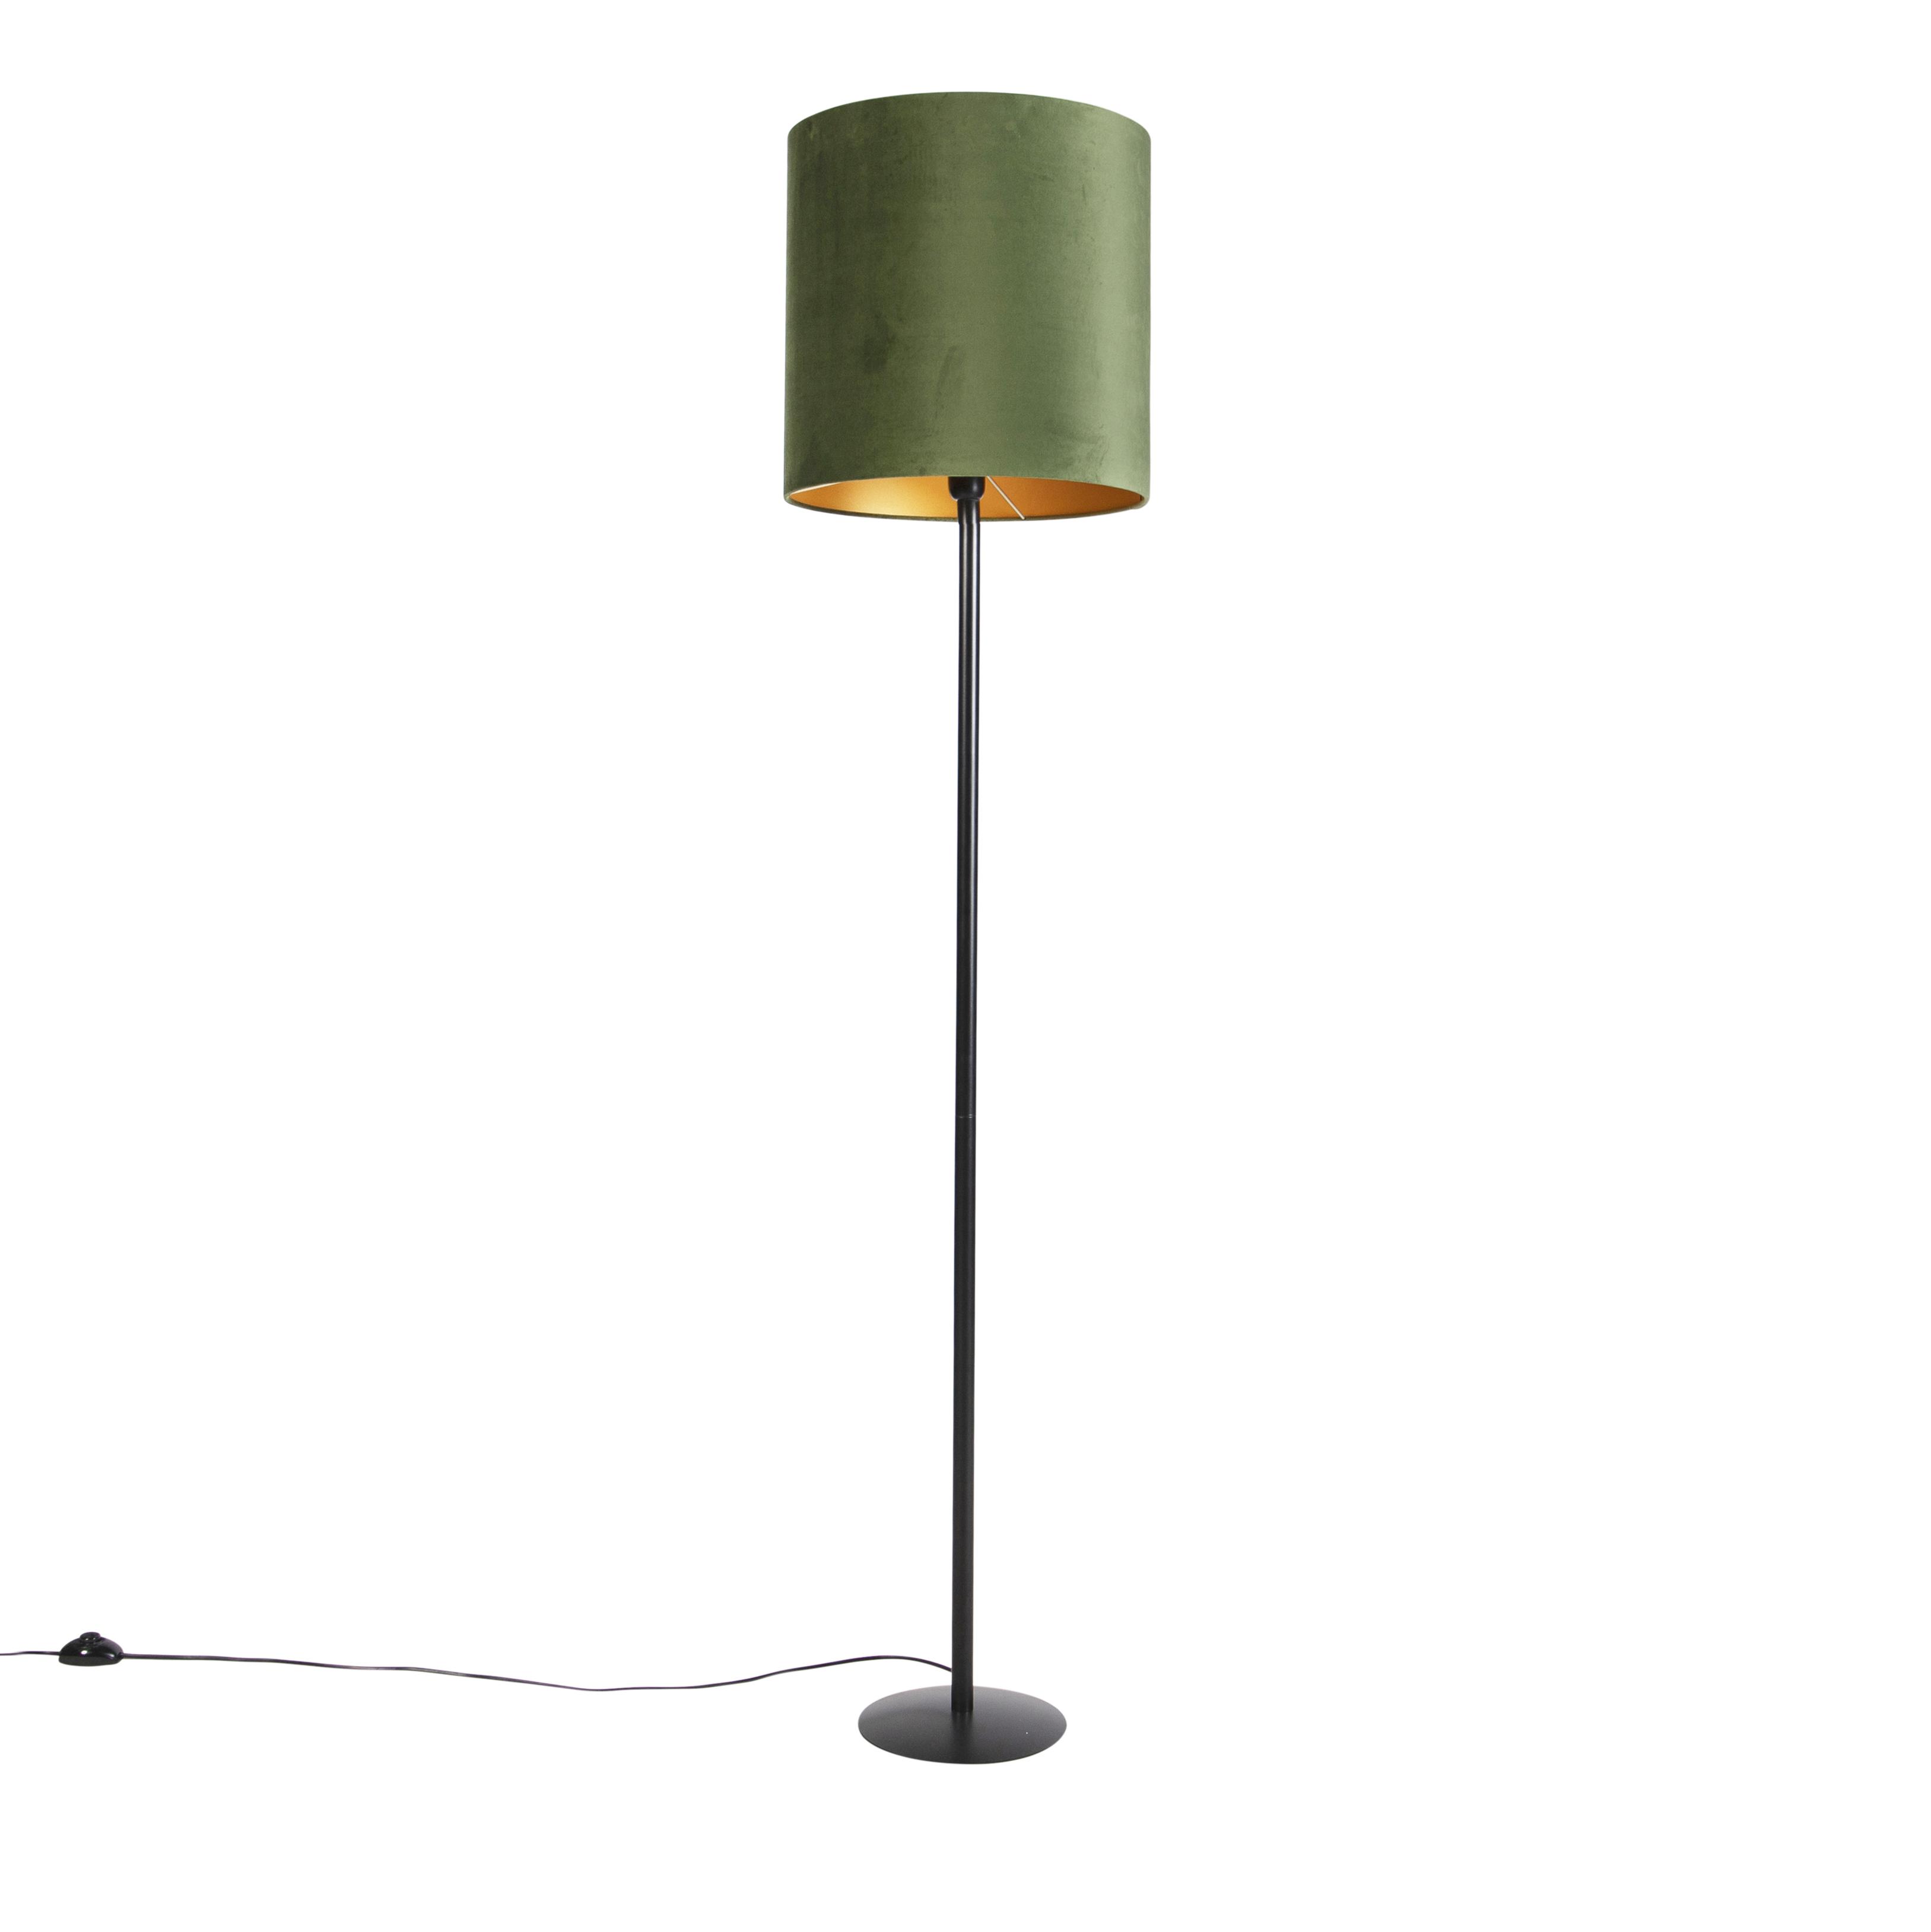 Zwarte vloerlamp met velours kap groen met goud 40 cm - Simplo